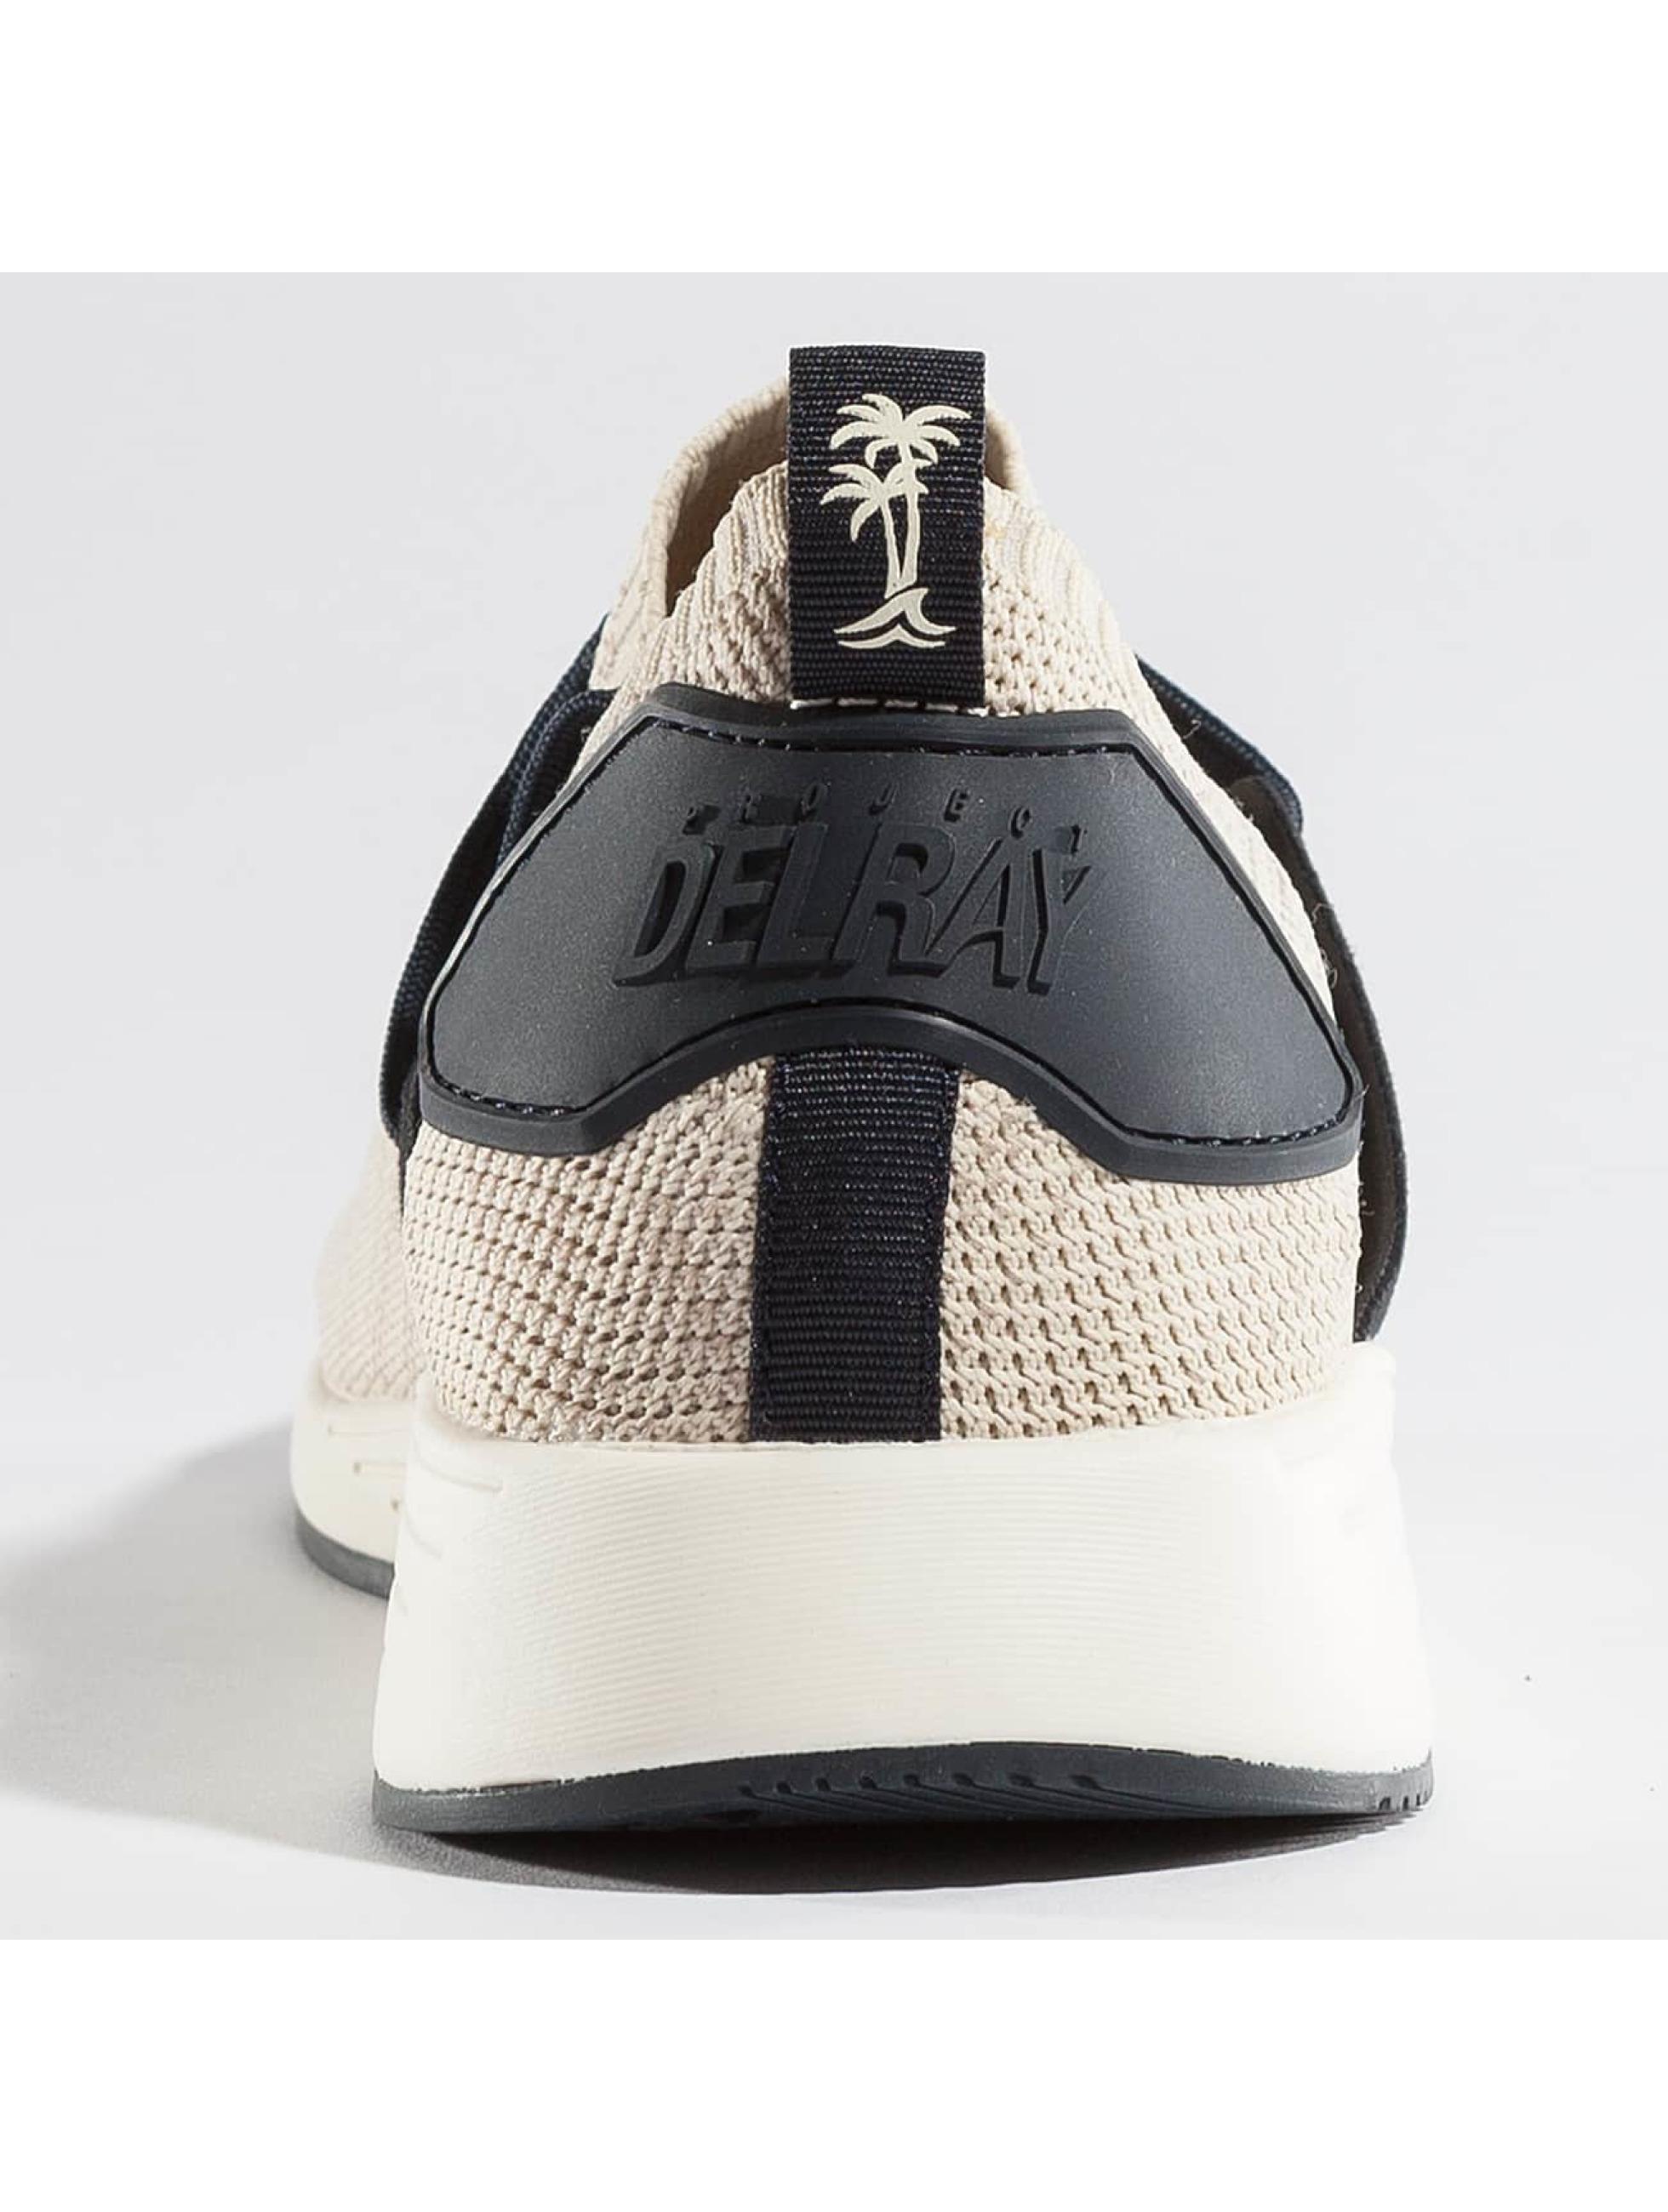 Project Delray Baskets Wavey beige